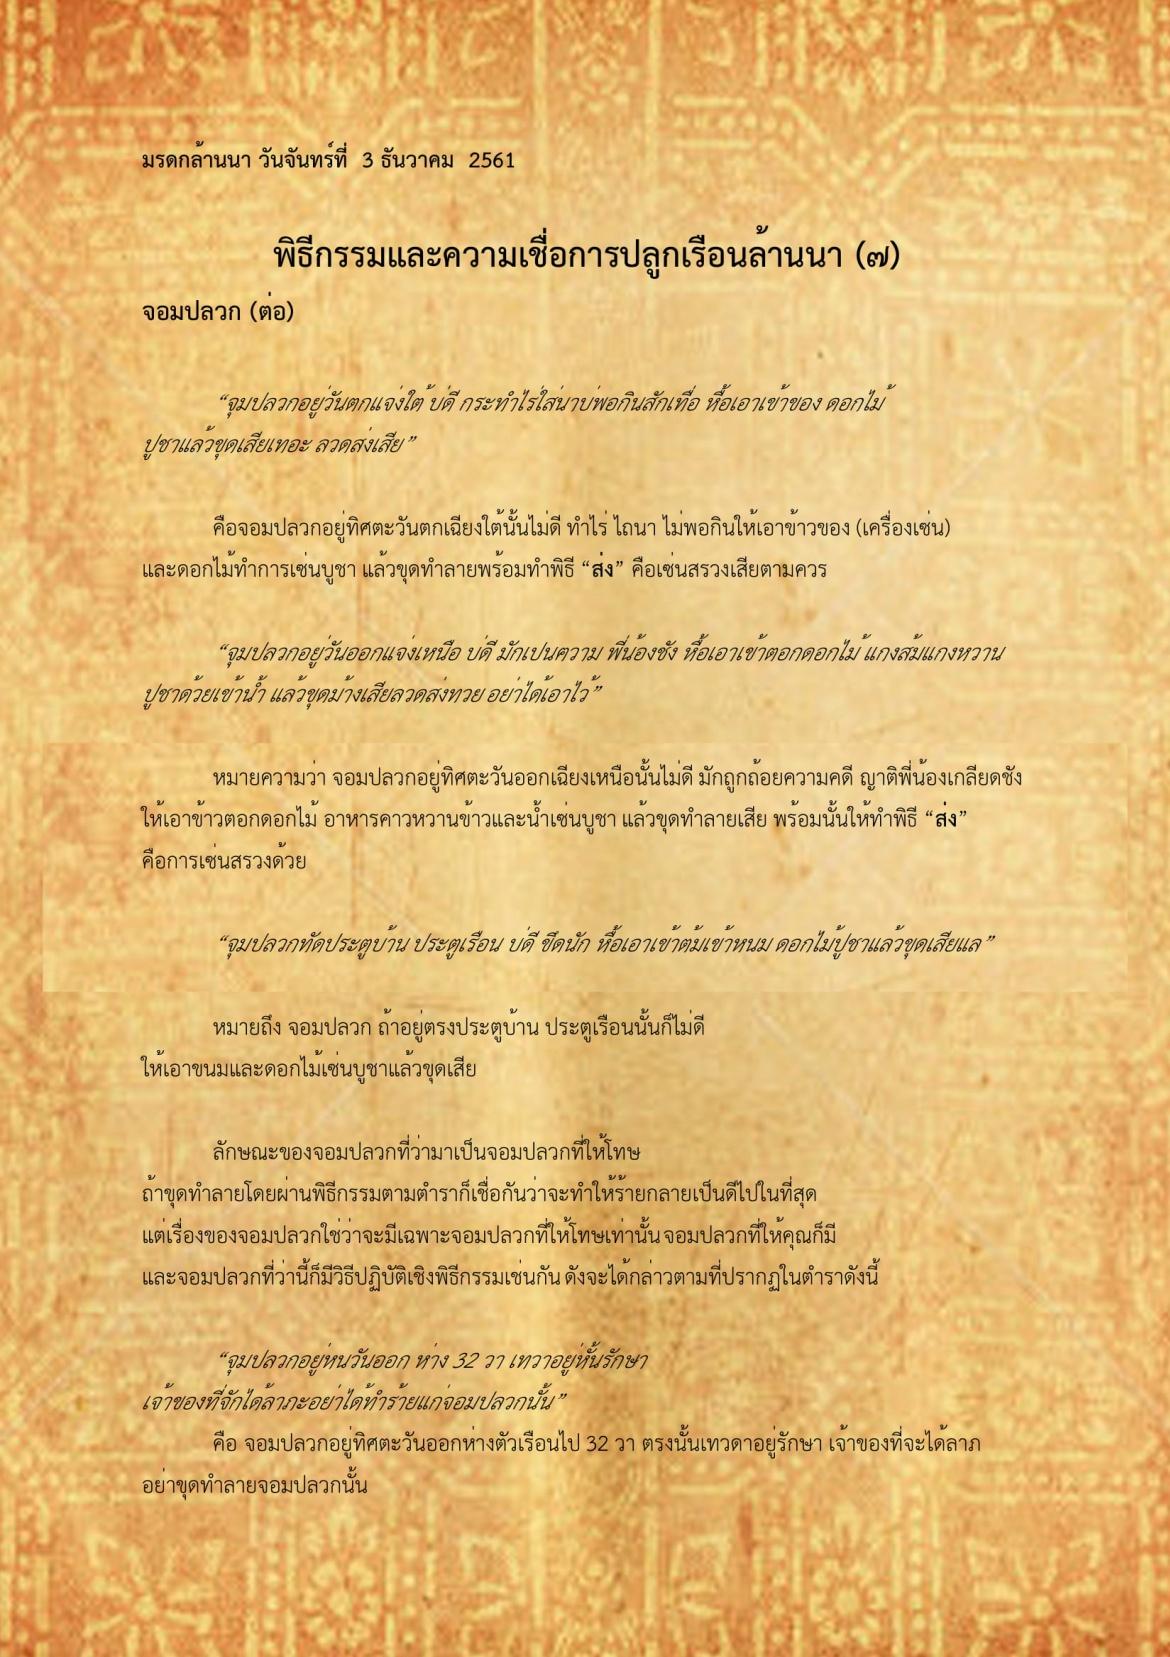 พิธีกรรมและความเชื่อการปลุกเรือนล้านนา(7) - 3 ธันวาคม 2561